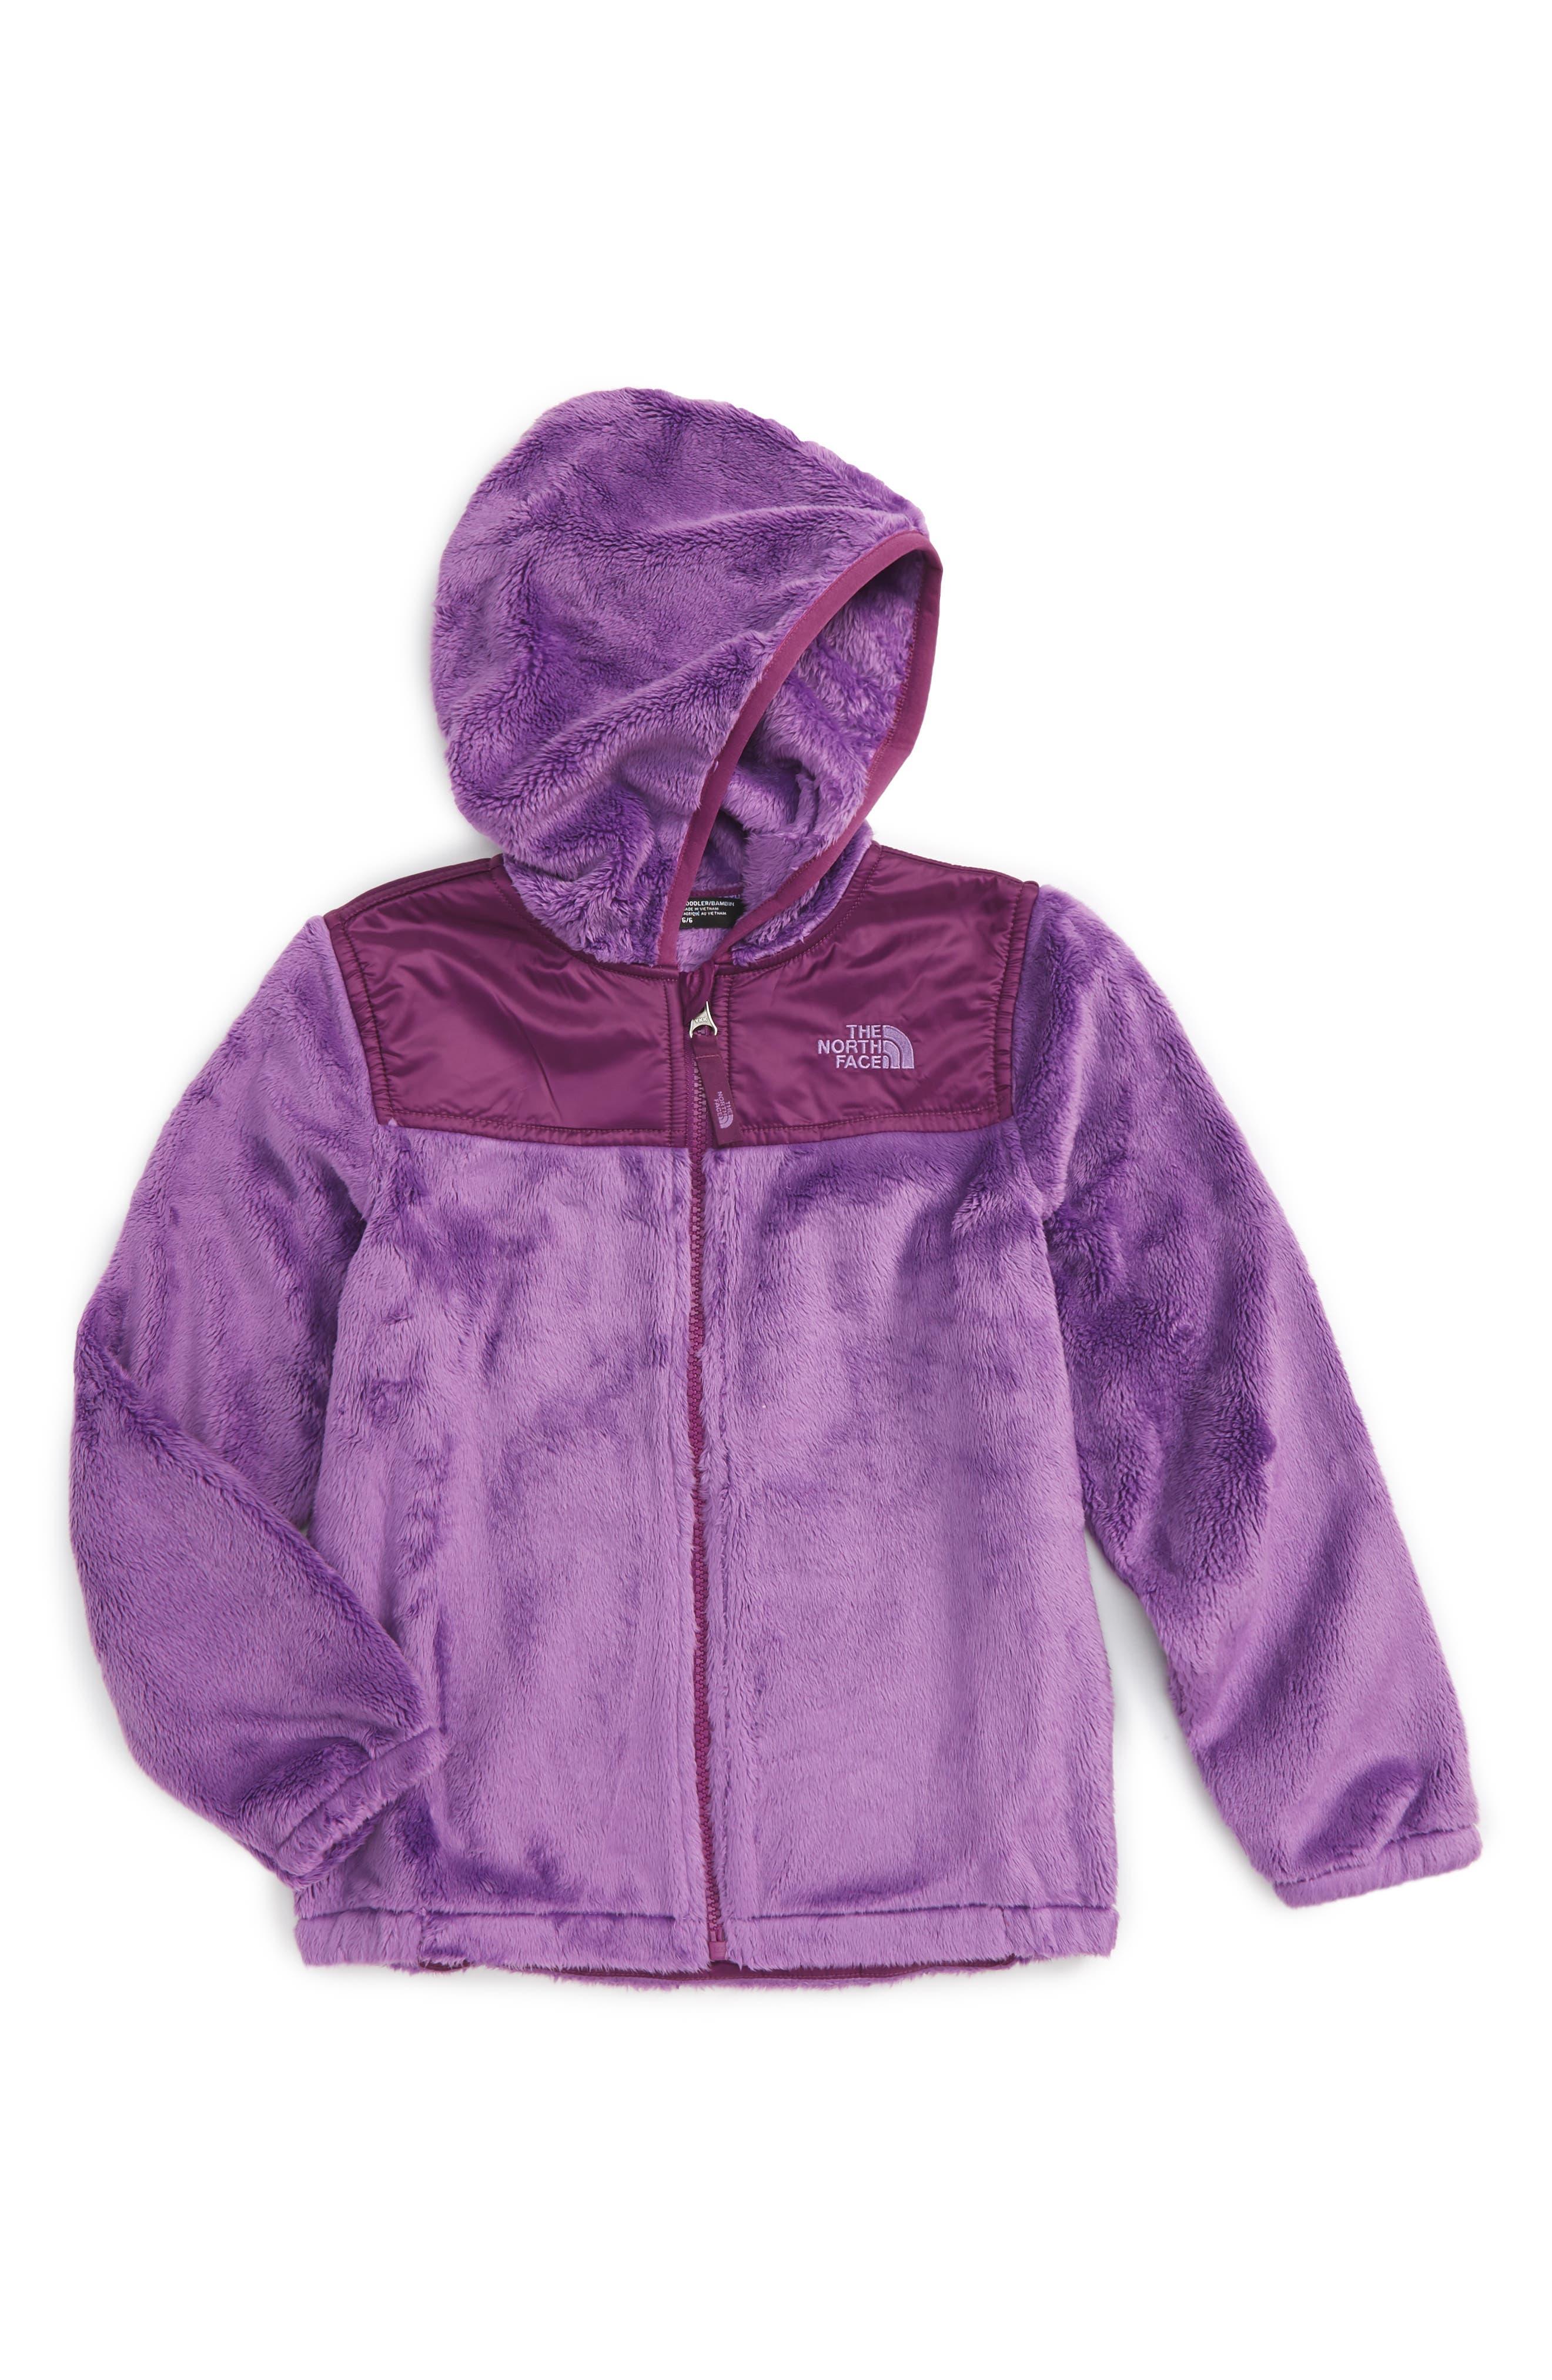 Girls' Purple Coats, Jackets & Outerwear: Rain, Fleece & Hood ...